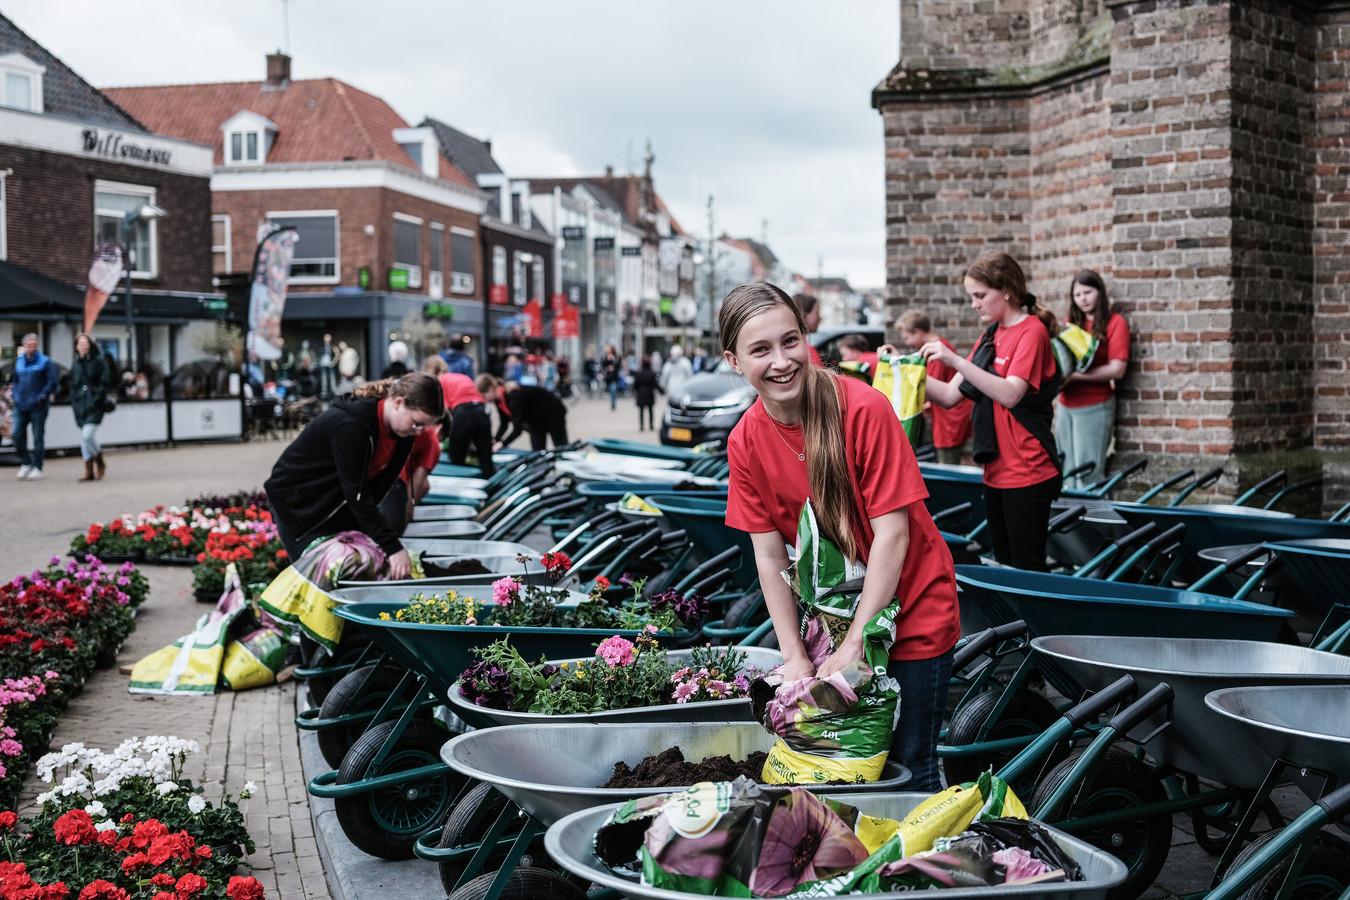 Honderd kruiwagens gevuld met potgrond en bloemen hebben zes weken de Doetinchemse binnenstad opgefleurd.